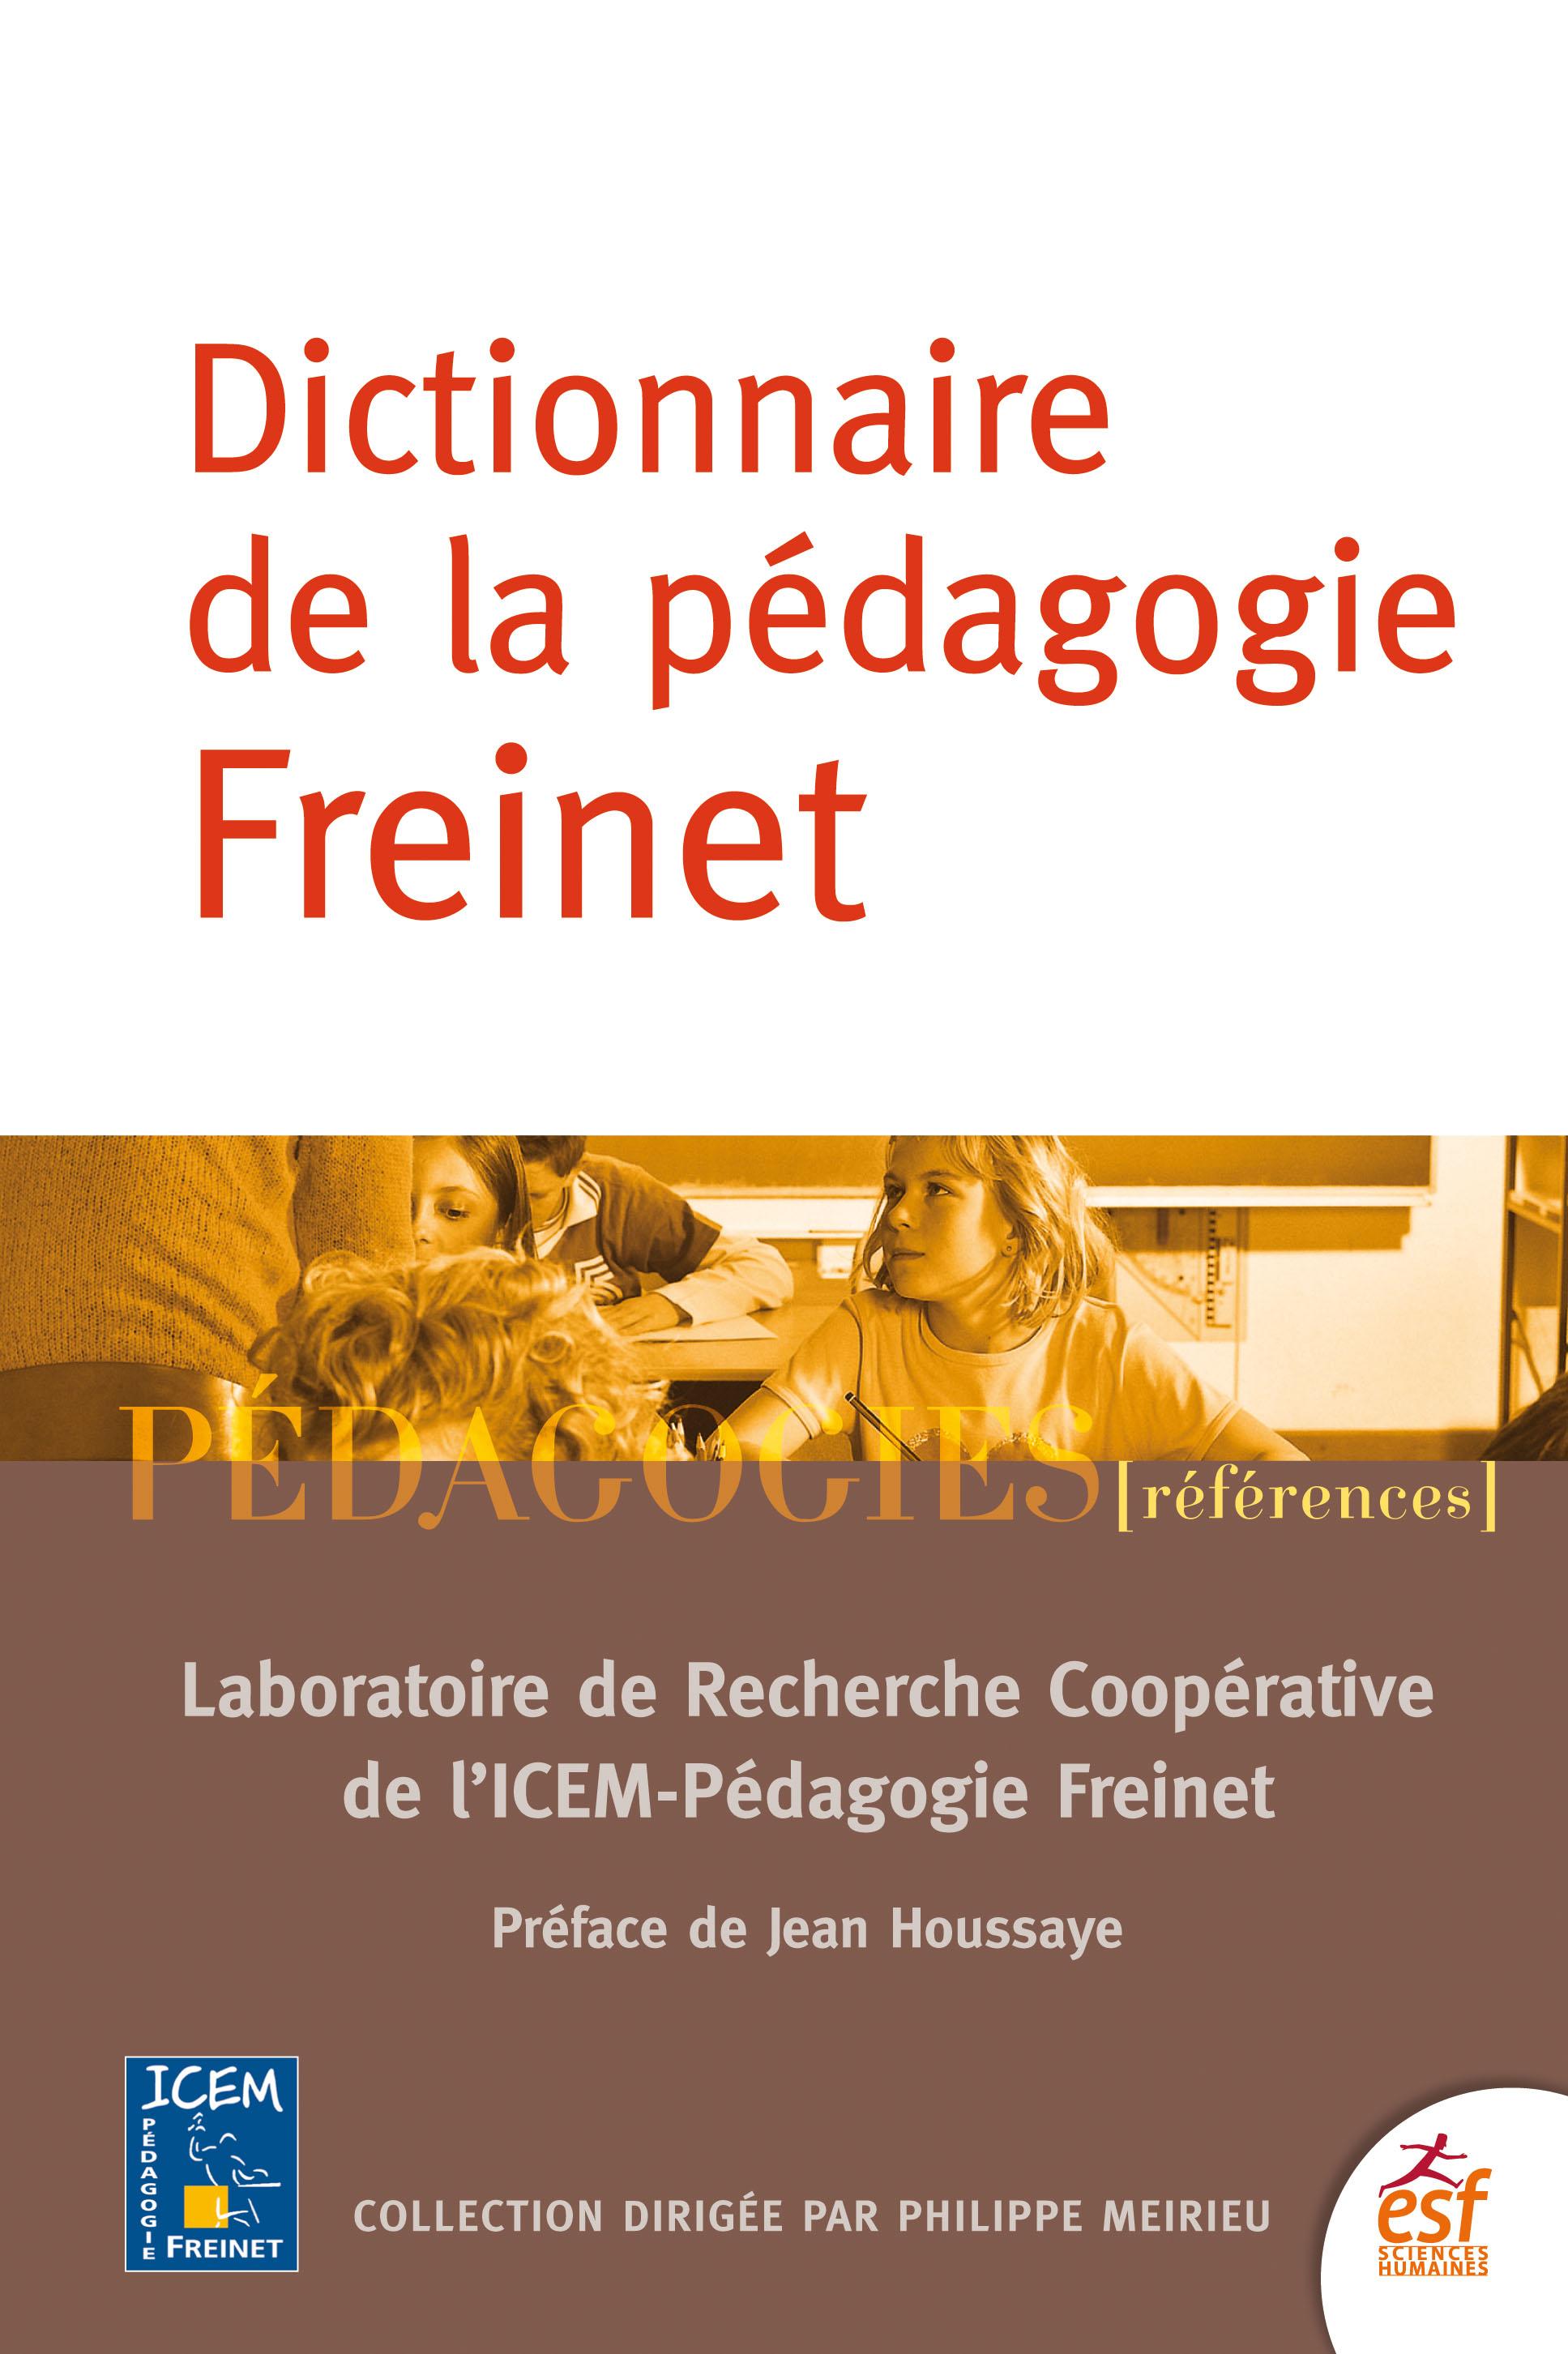 Dictionnaire de la pédagogie Freinet